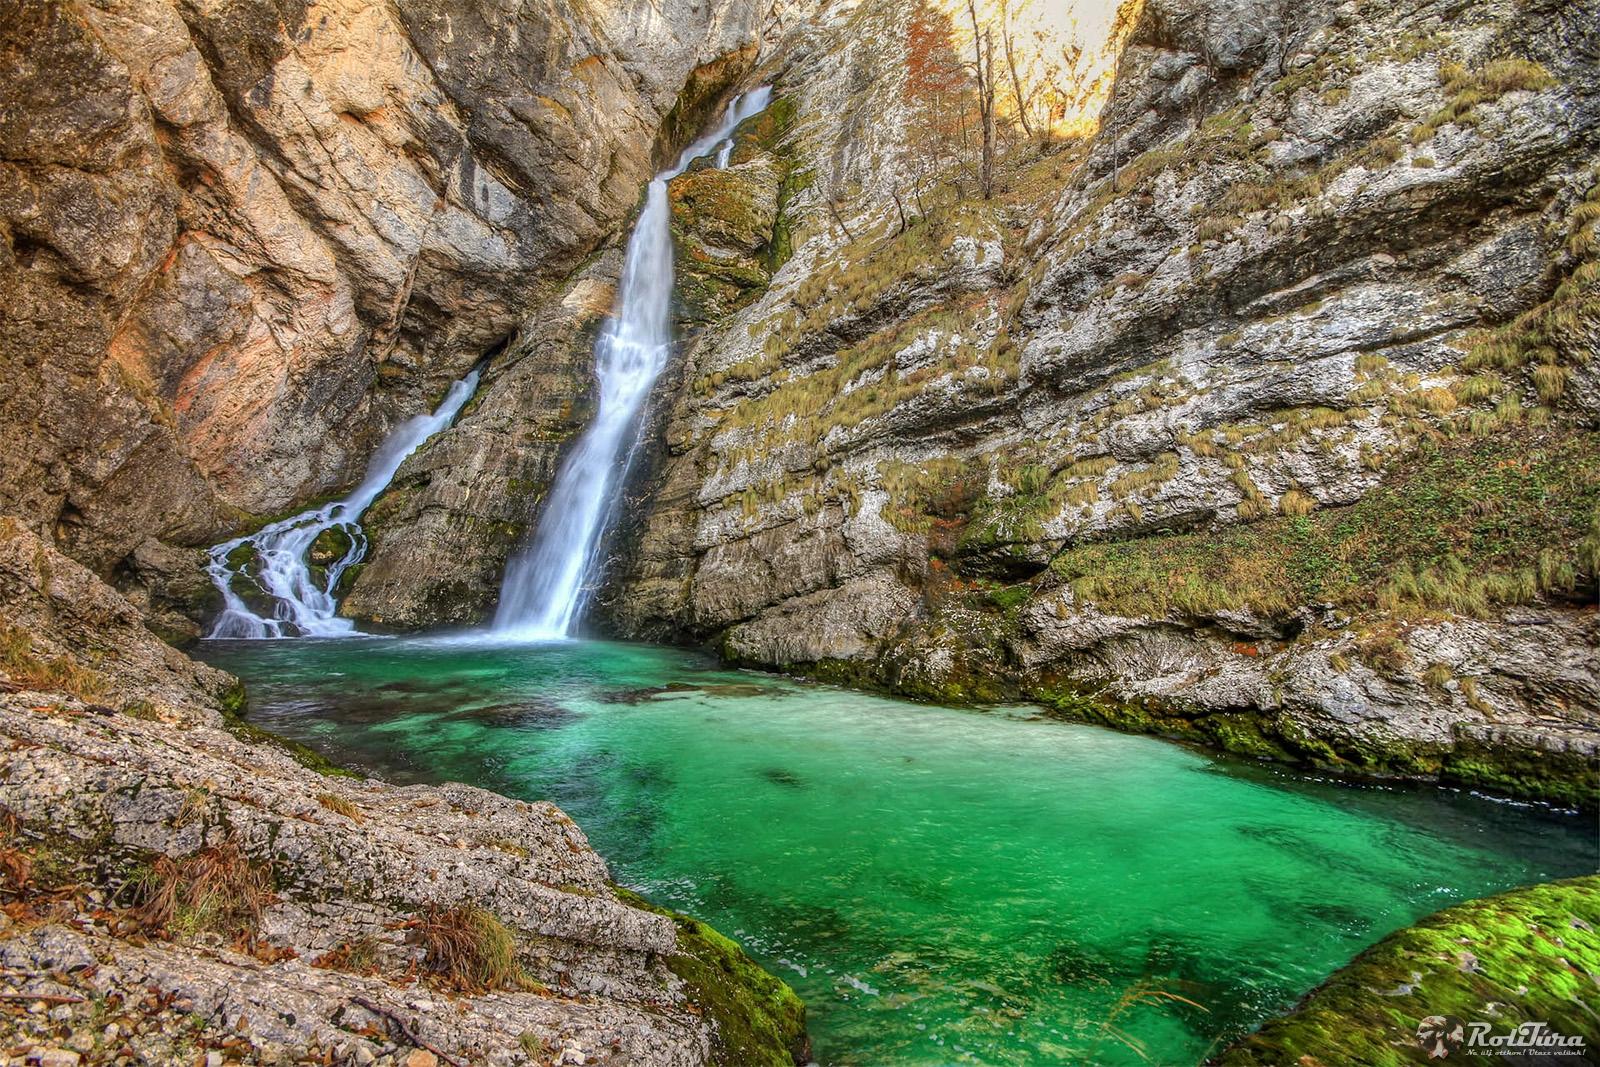 Szlovénia Csodái: Triglav Nemzeti Park Triglav Nemzeti Park, Szlovénia #16117658-a994-48bd-bd04-3022c180e4d5